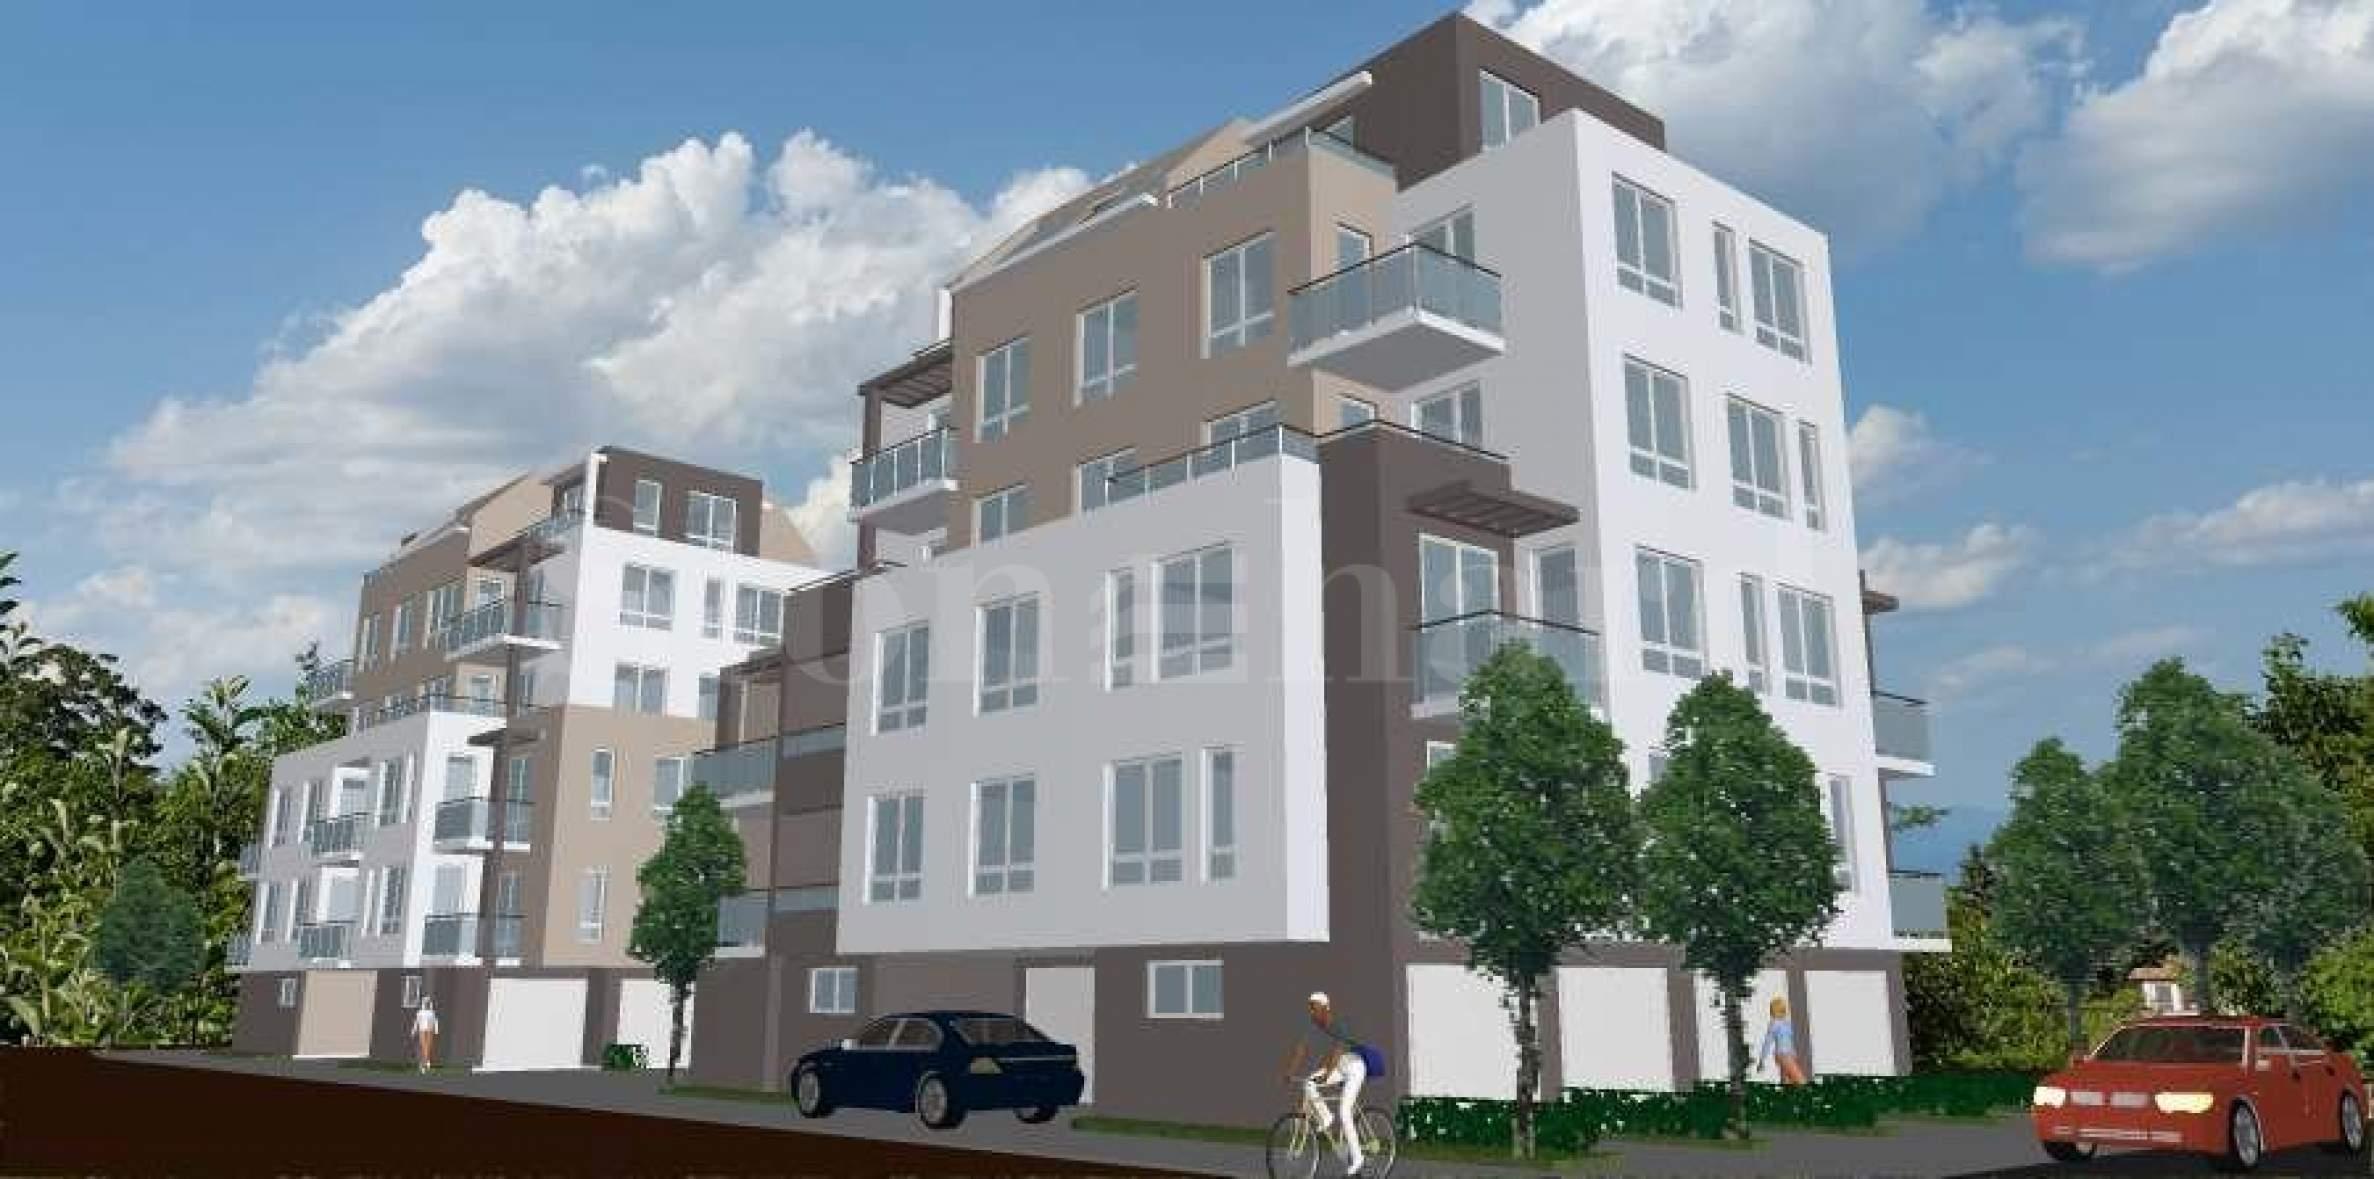 Апартаменти ново строителство в кв. Бъкстон2 - Stonehard